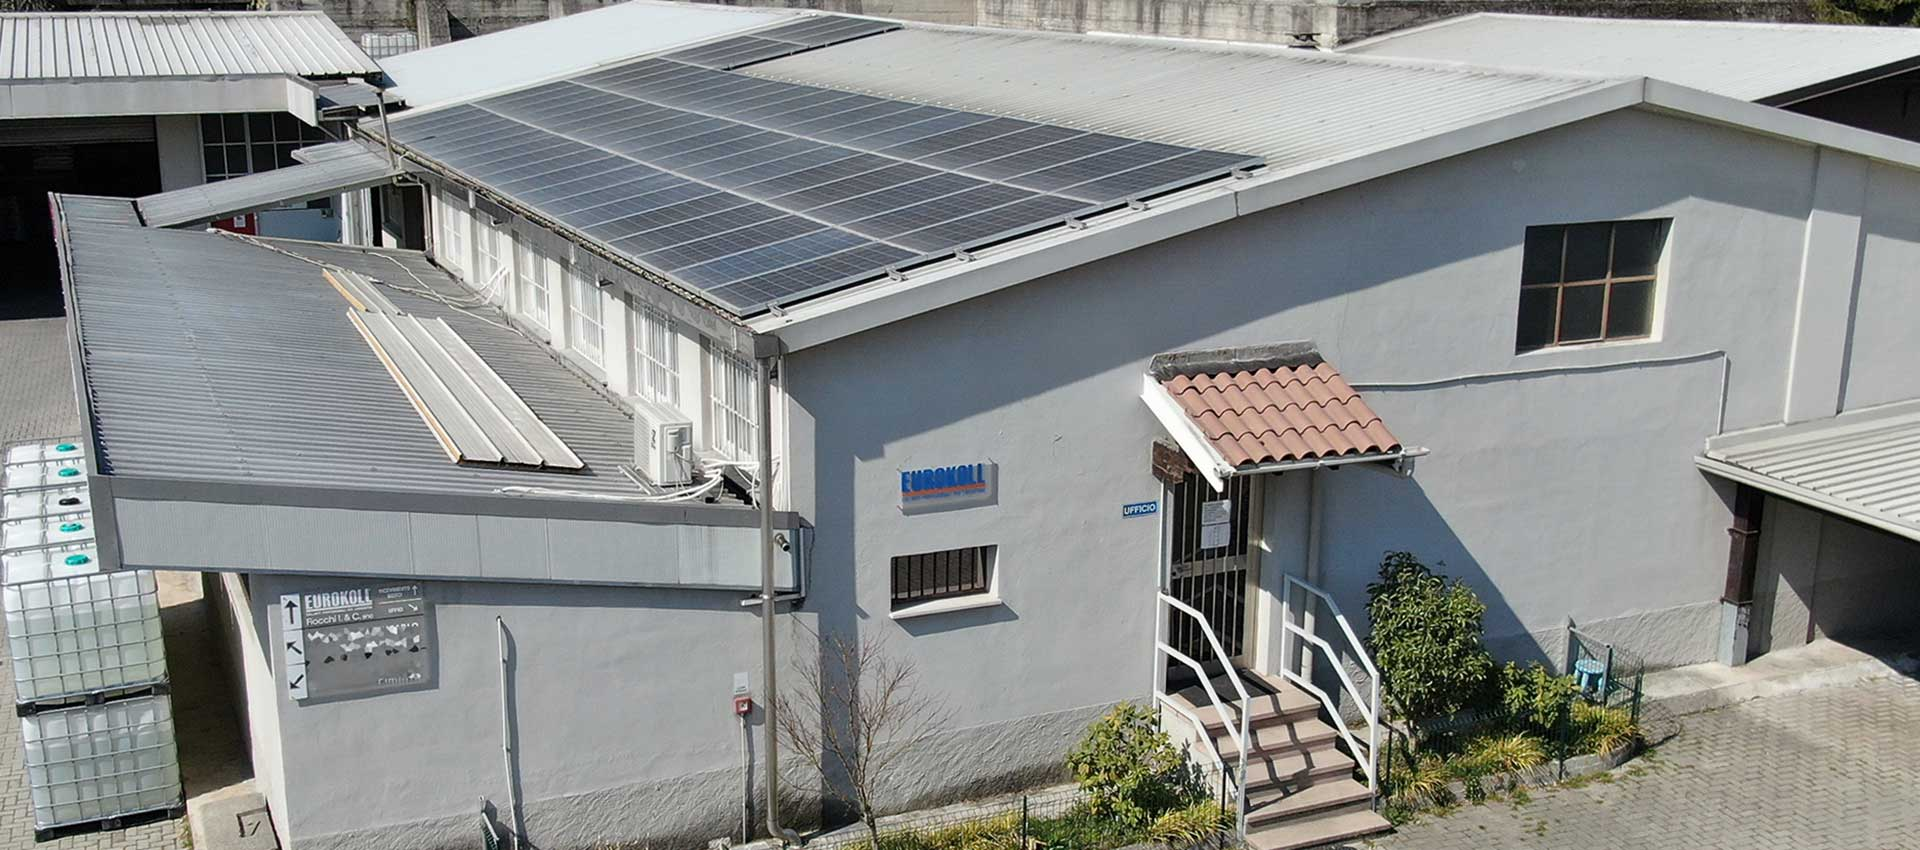 Impianto-fotovoltaico-Fiocchi-Italo-e-C-srl-Verano-Monza-Brianza-Italia